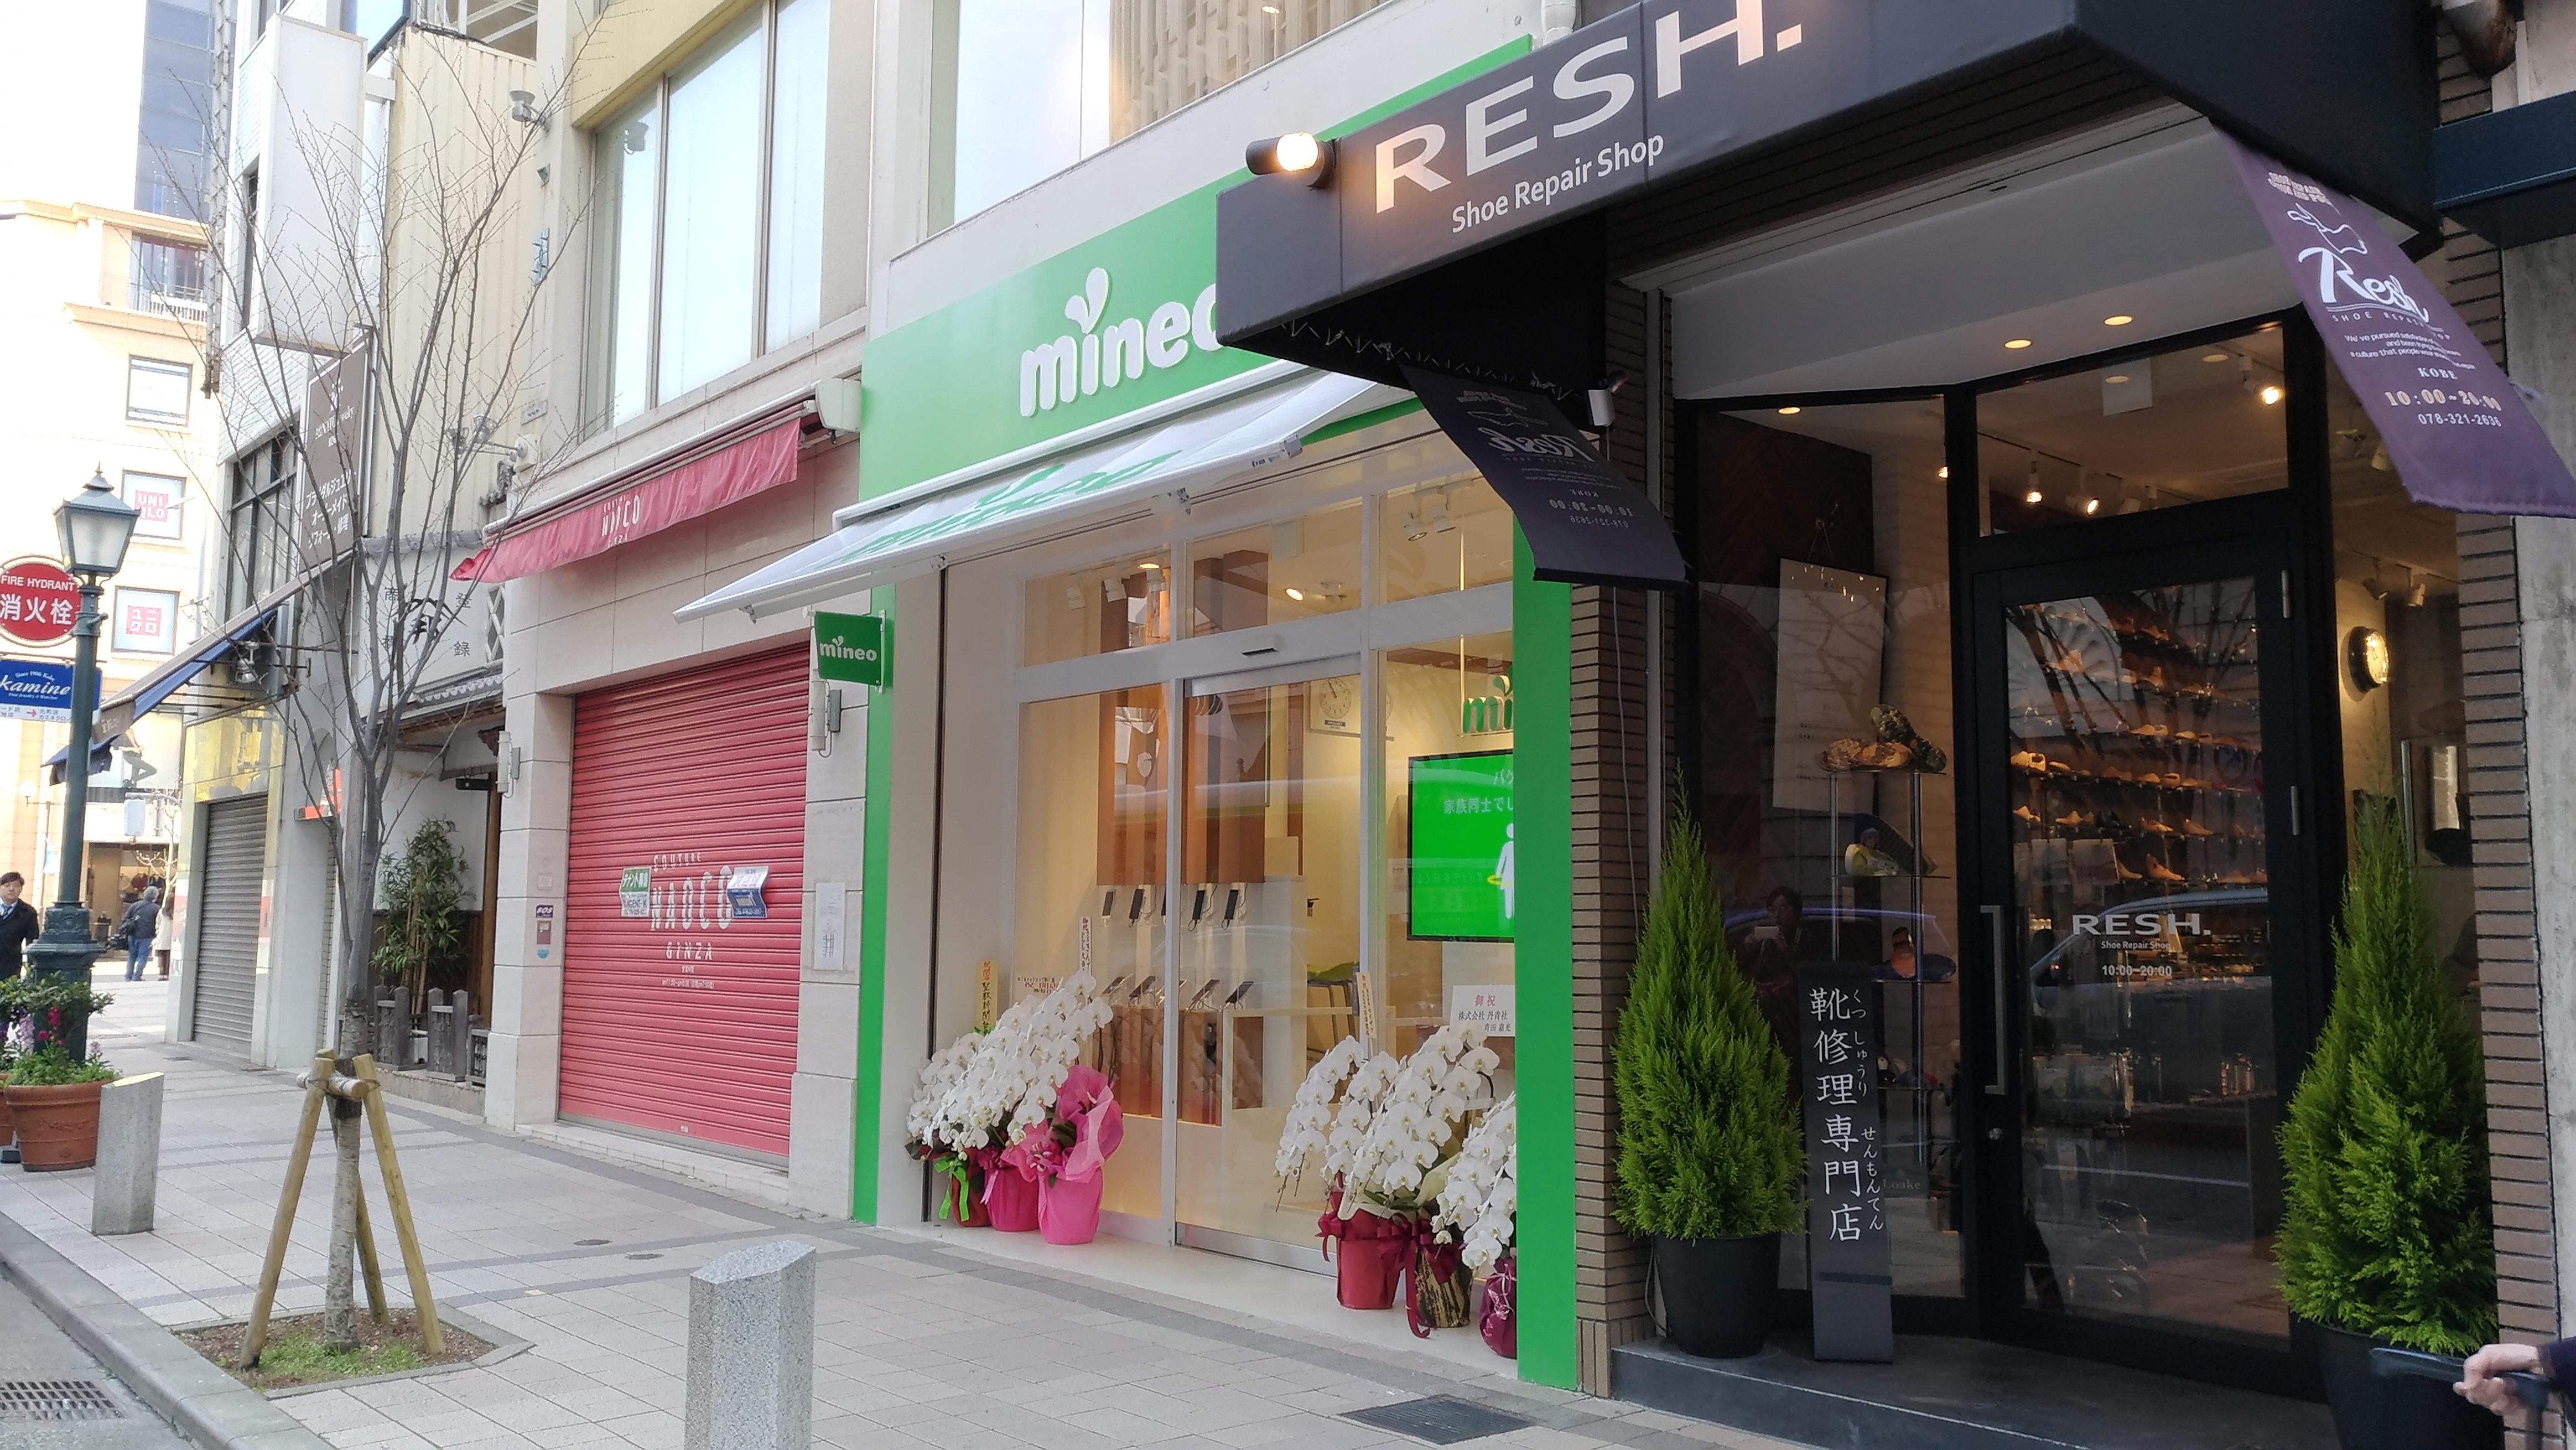 マイネオショップ神戸店、開店おめでとうございます!